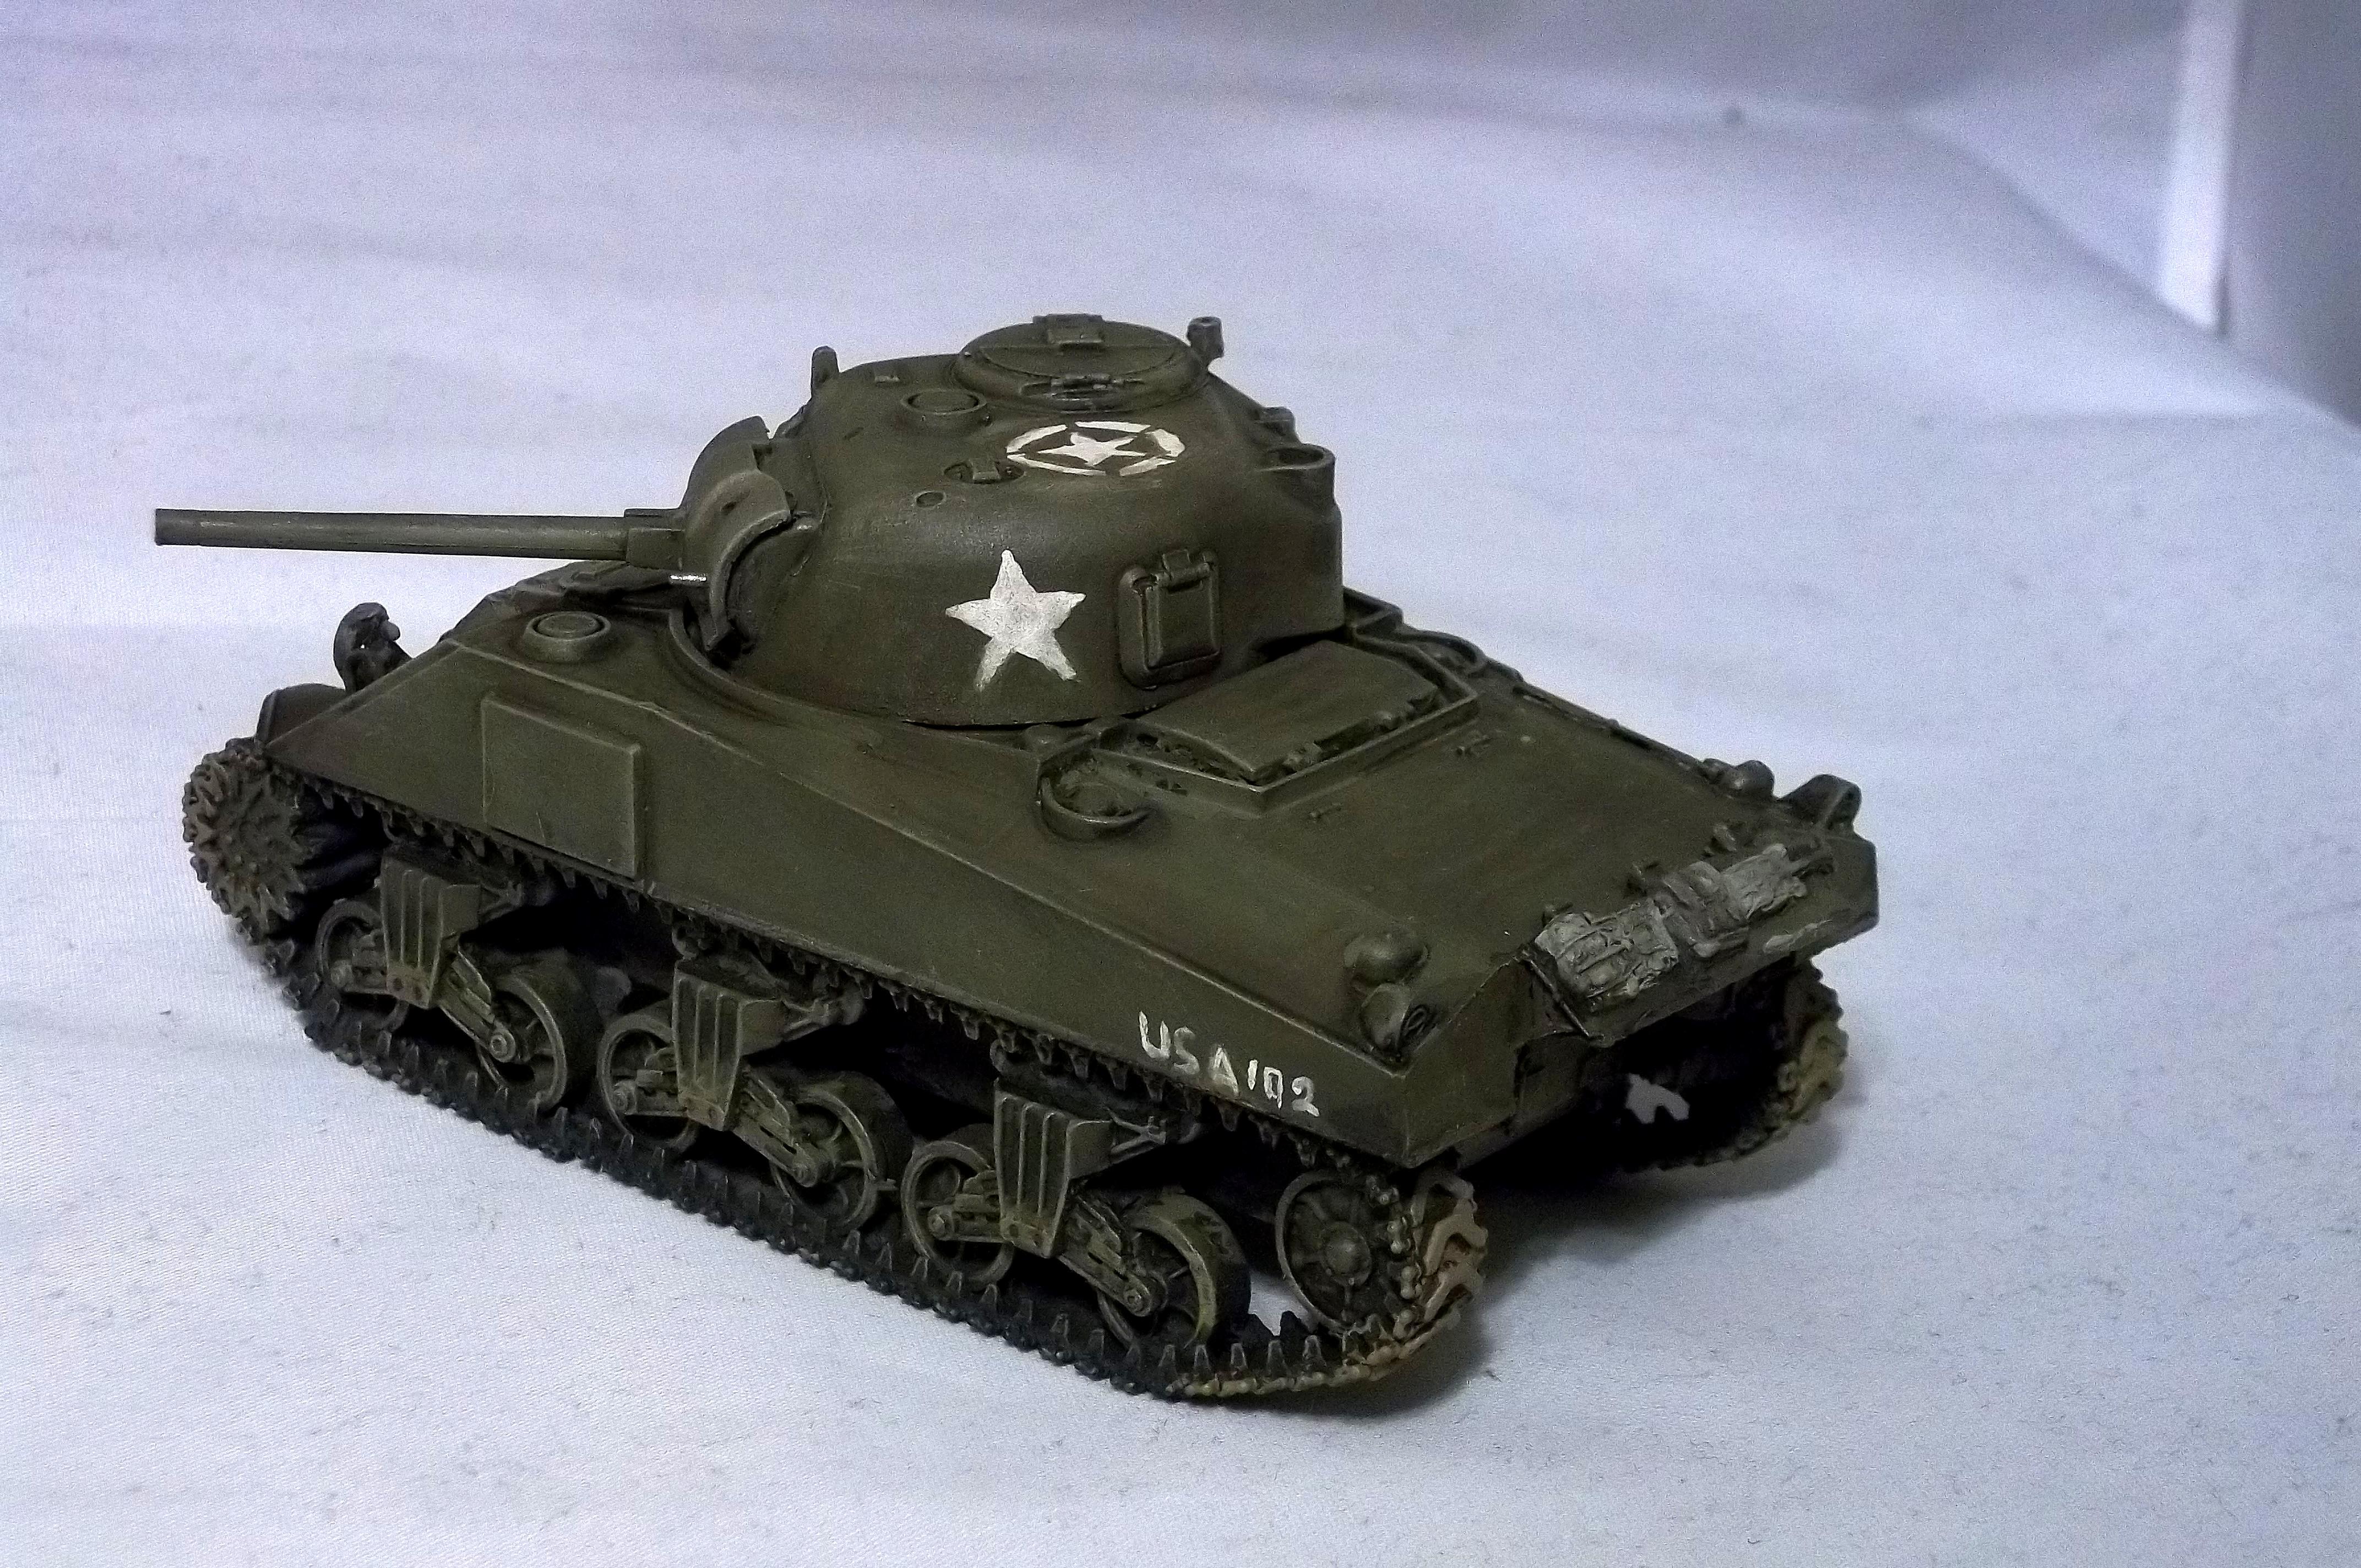 1/48th, Blitzkrieg Miniatures, Bolt Action, Sherman Tank, U.s., World War 2